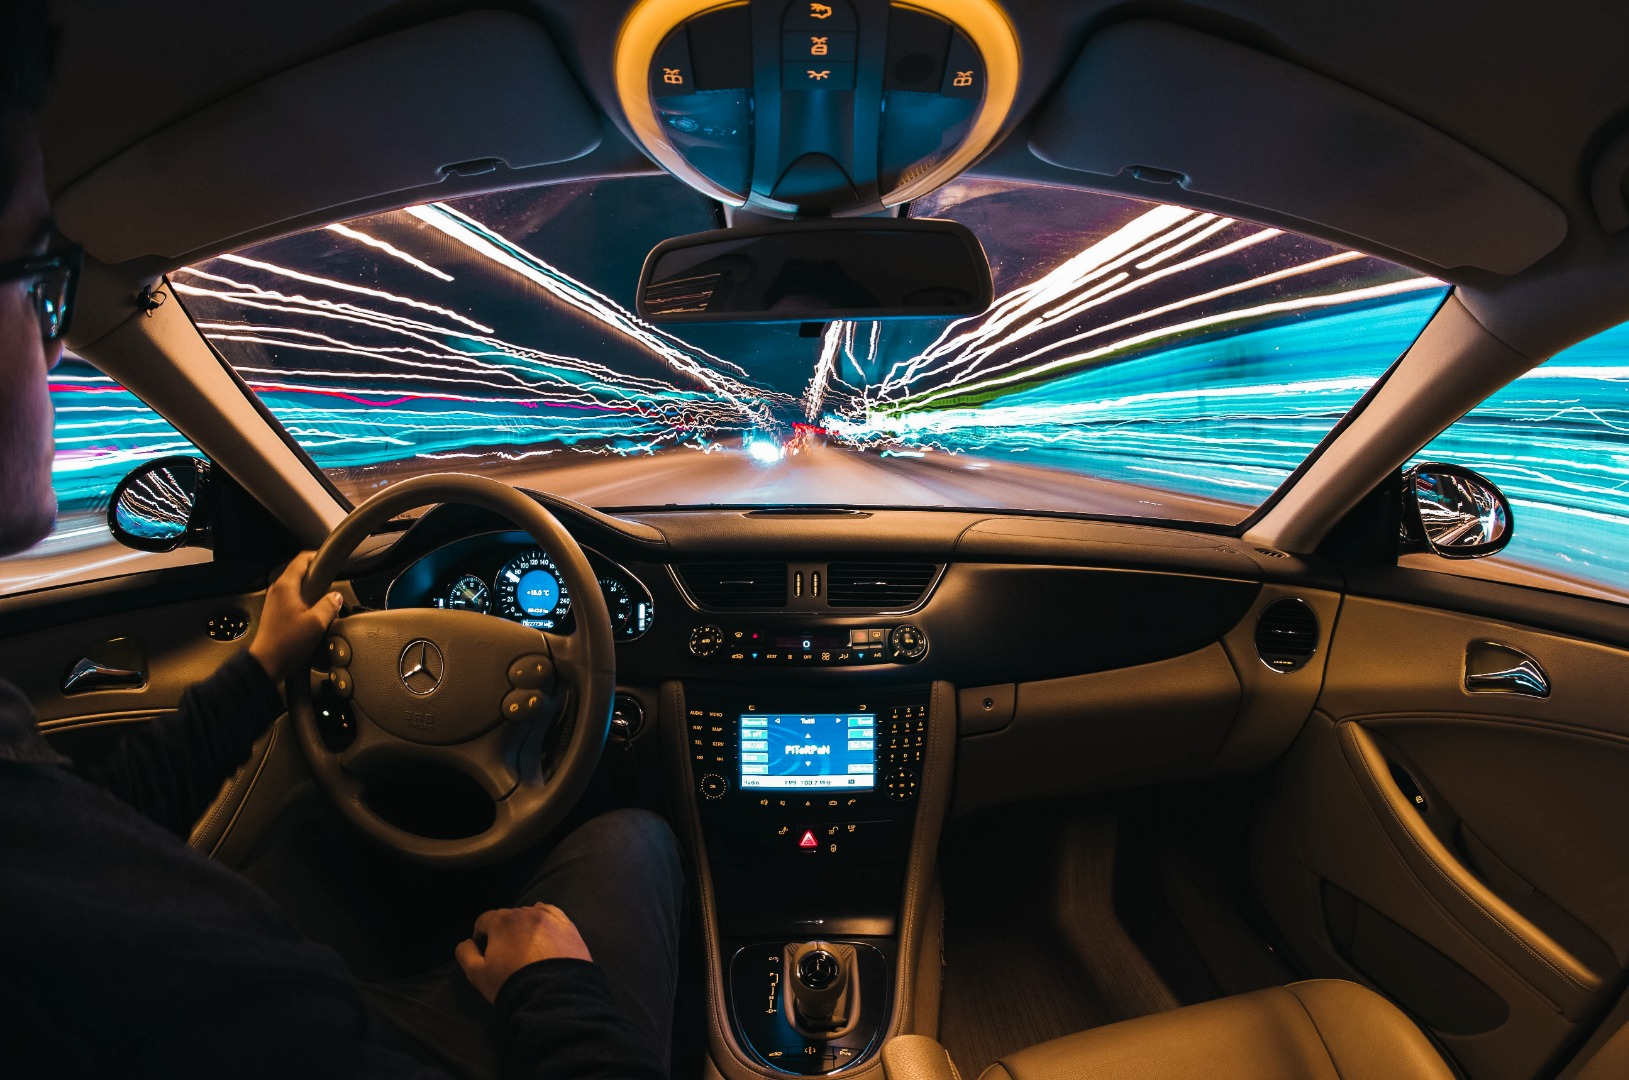 Imóveis e veículos podem sair 50% mais baratos no consórcio frente financiamento